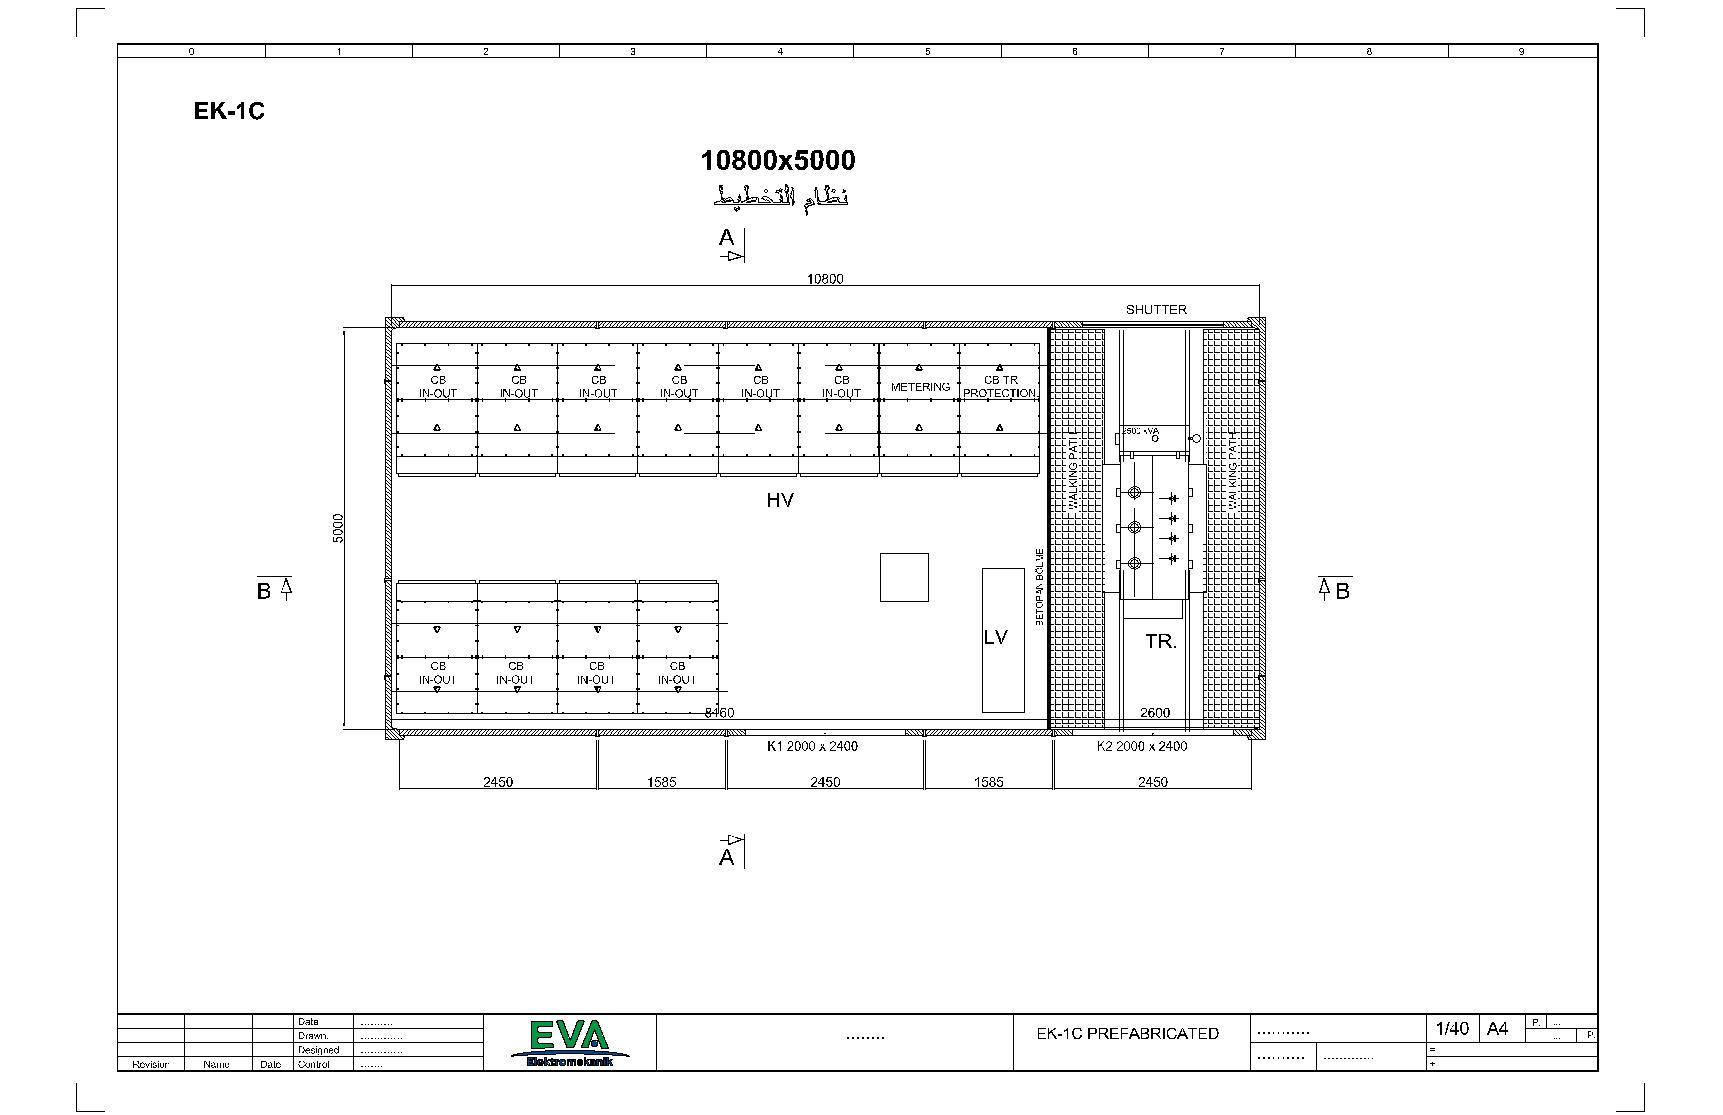 محطة توزيع مسبقة الصنع (3140) (5000) (10800) مم ملحق1 – ج